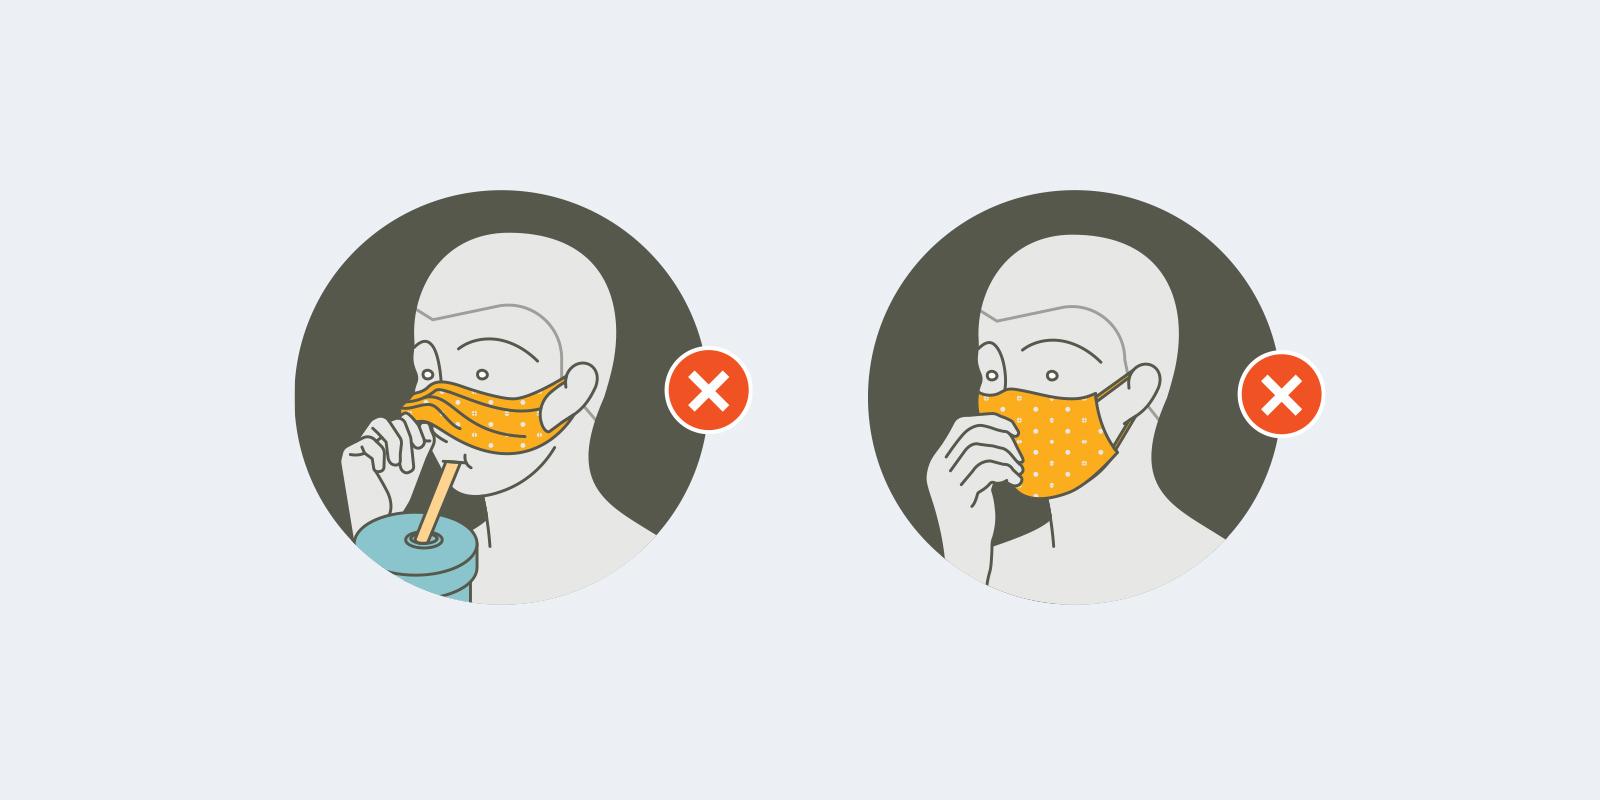 illustration for improper mask use